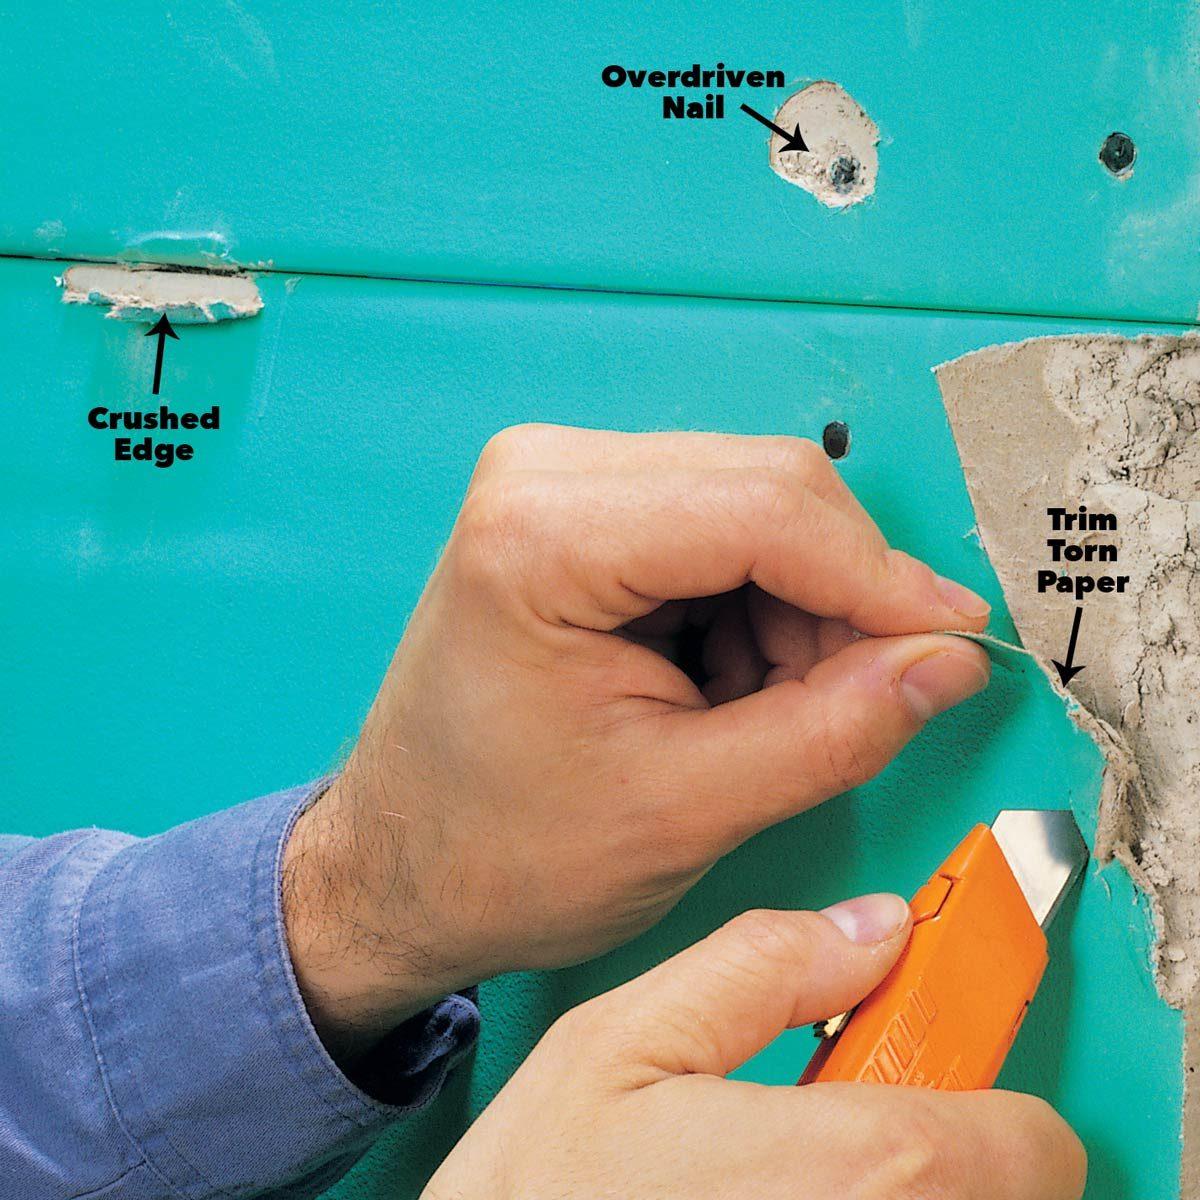 trim loose drywall